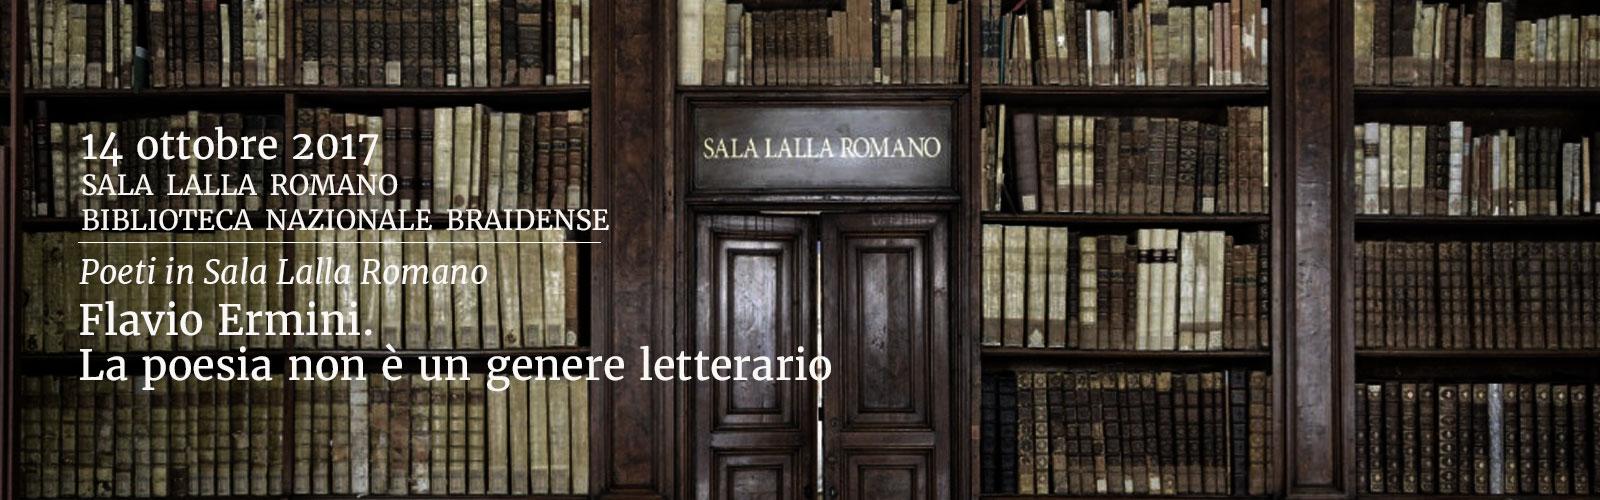 Flavio Ermini. La poesia non è un genere letterario